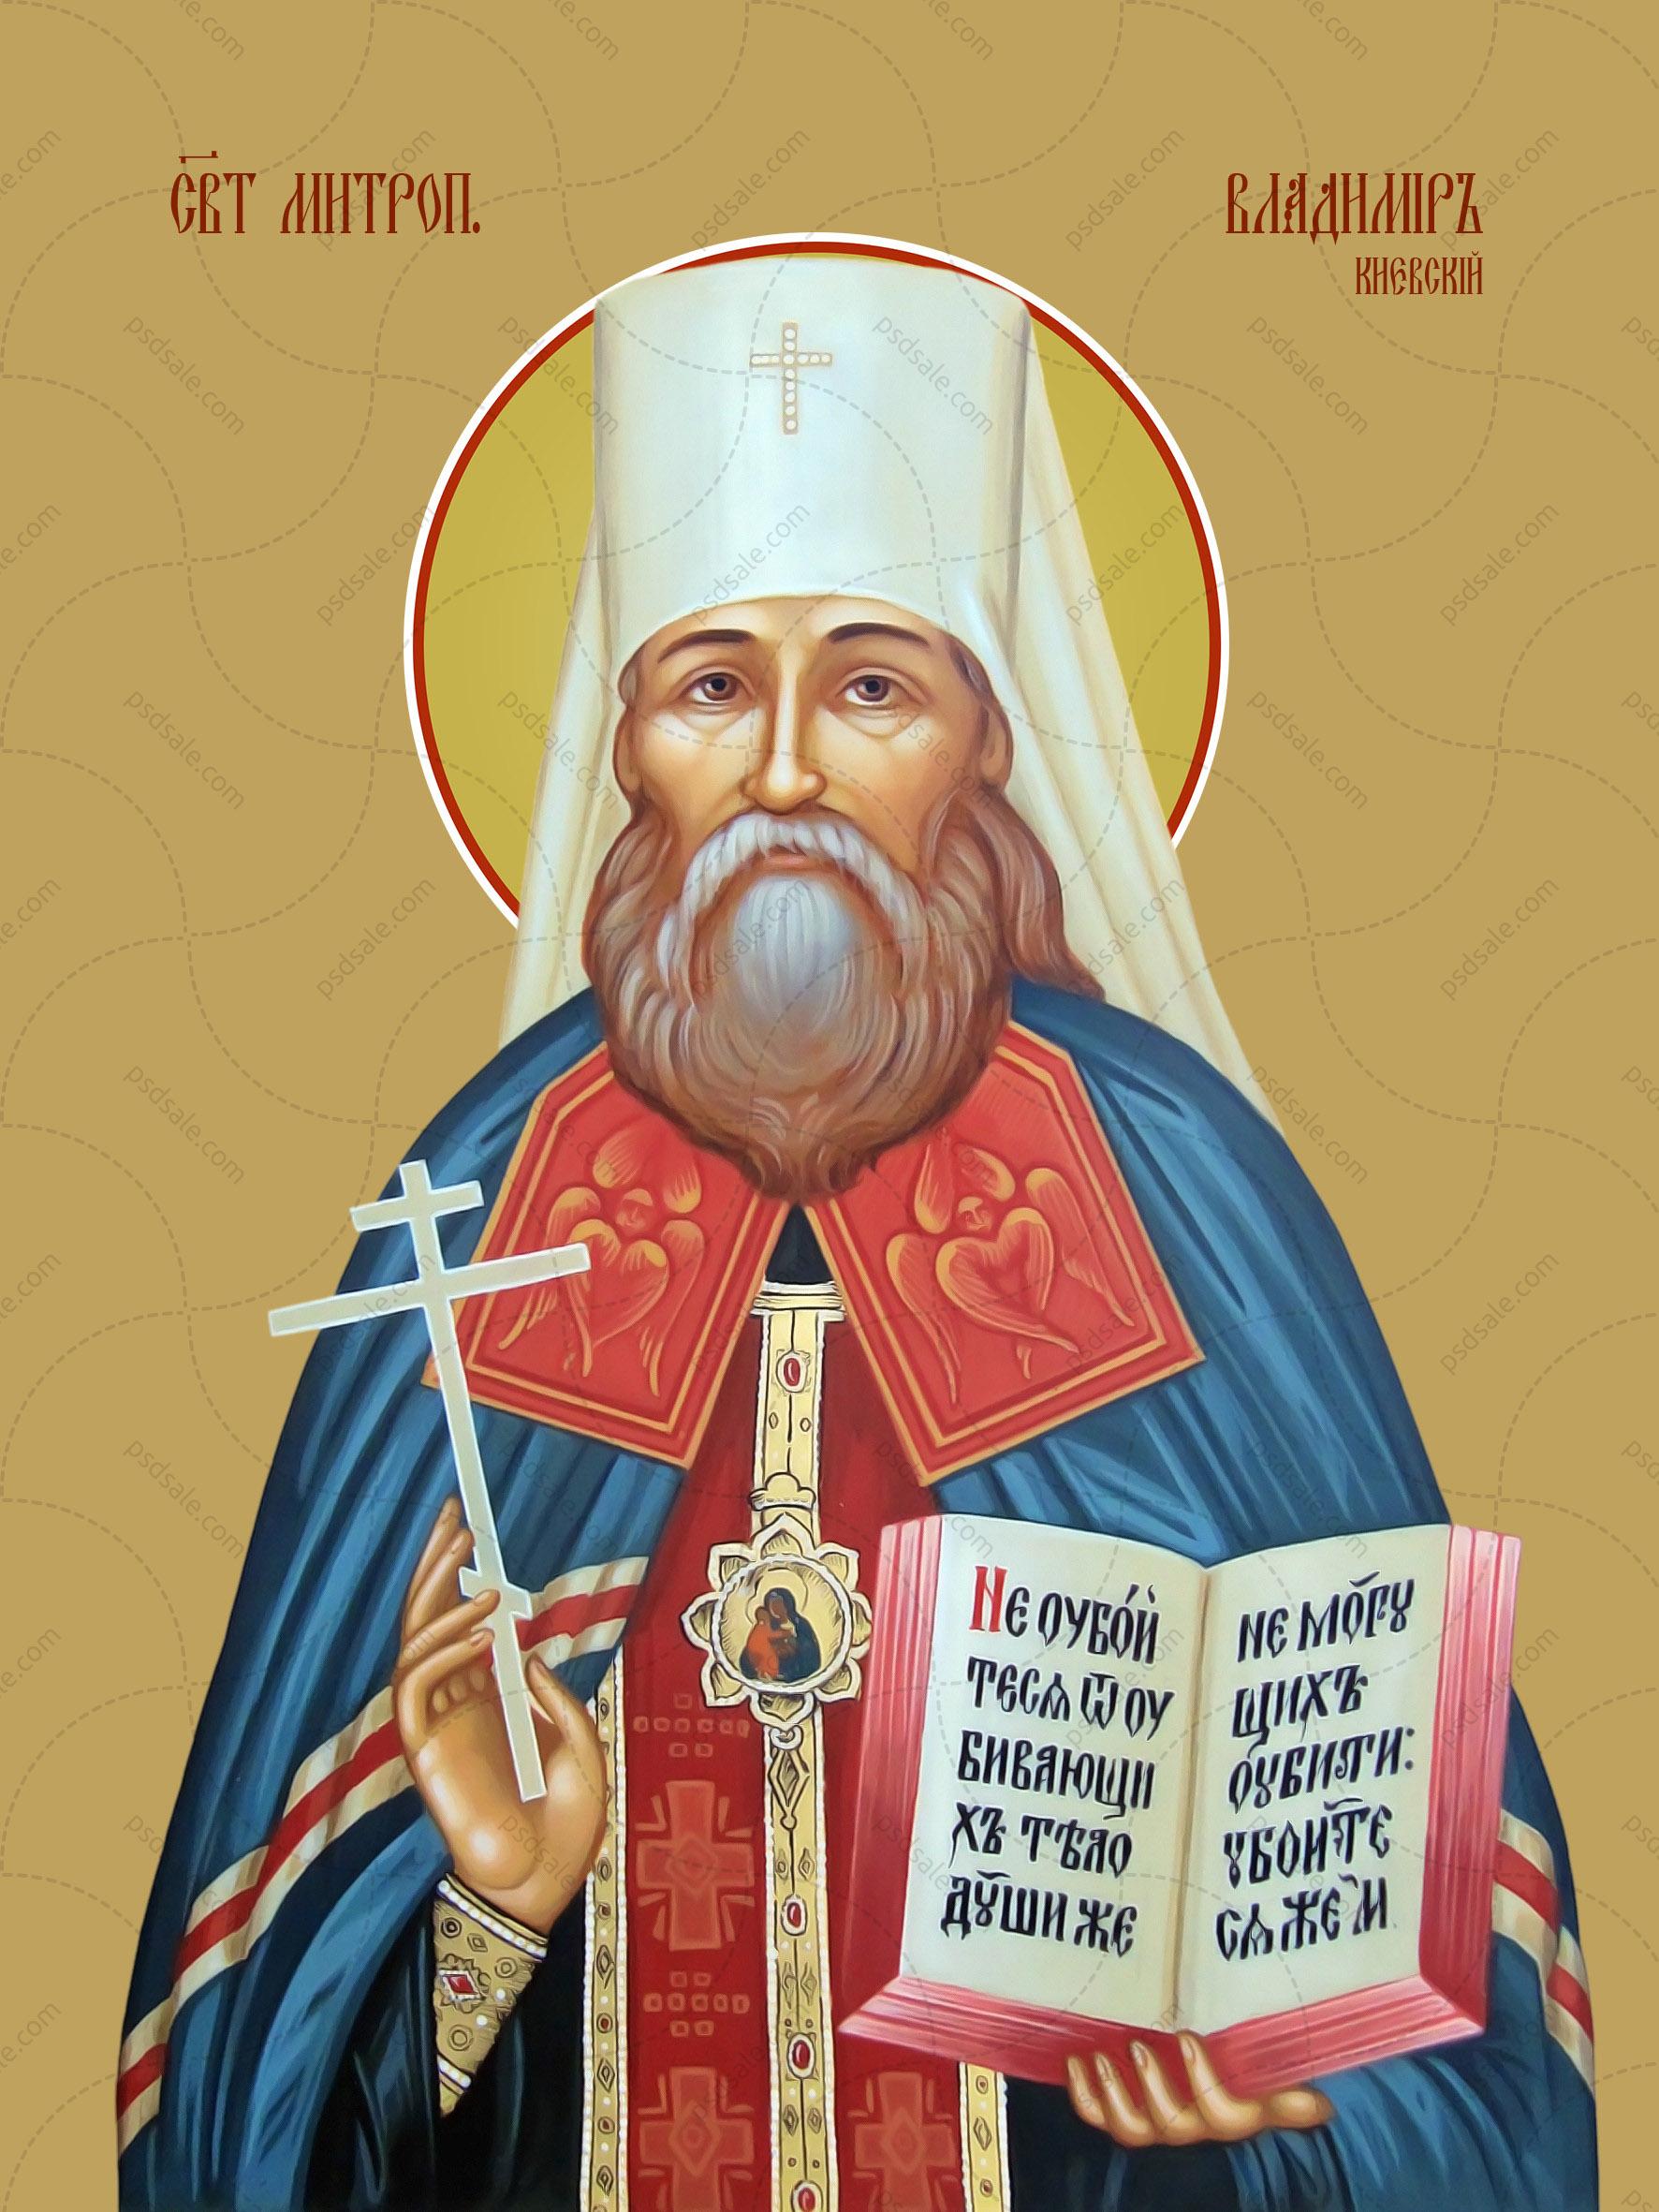 Владимир, митрополит Киевский